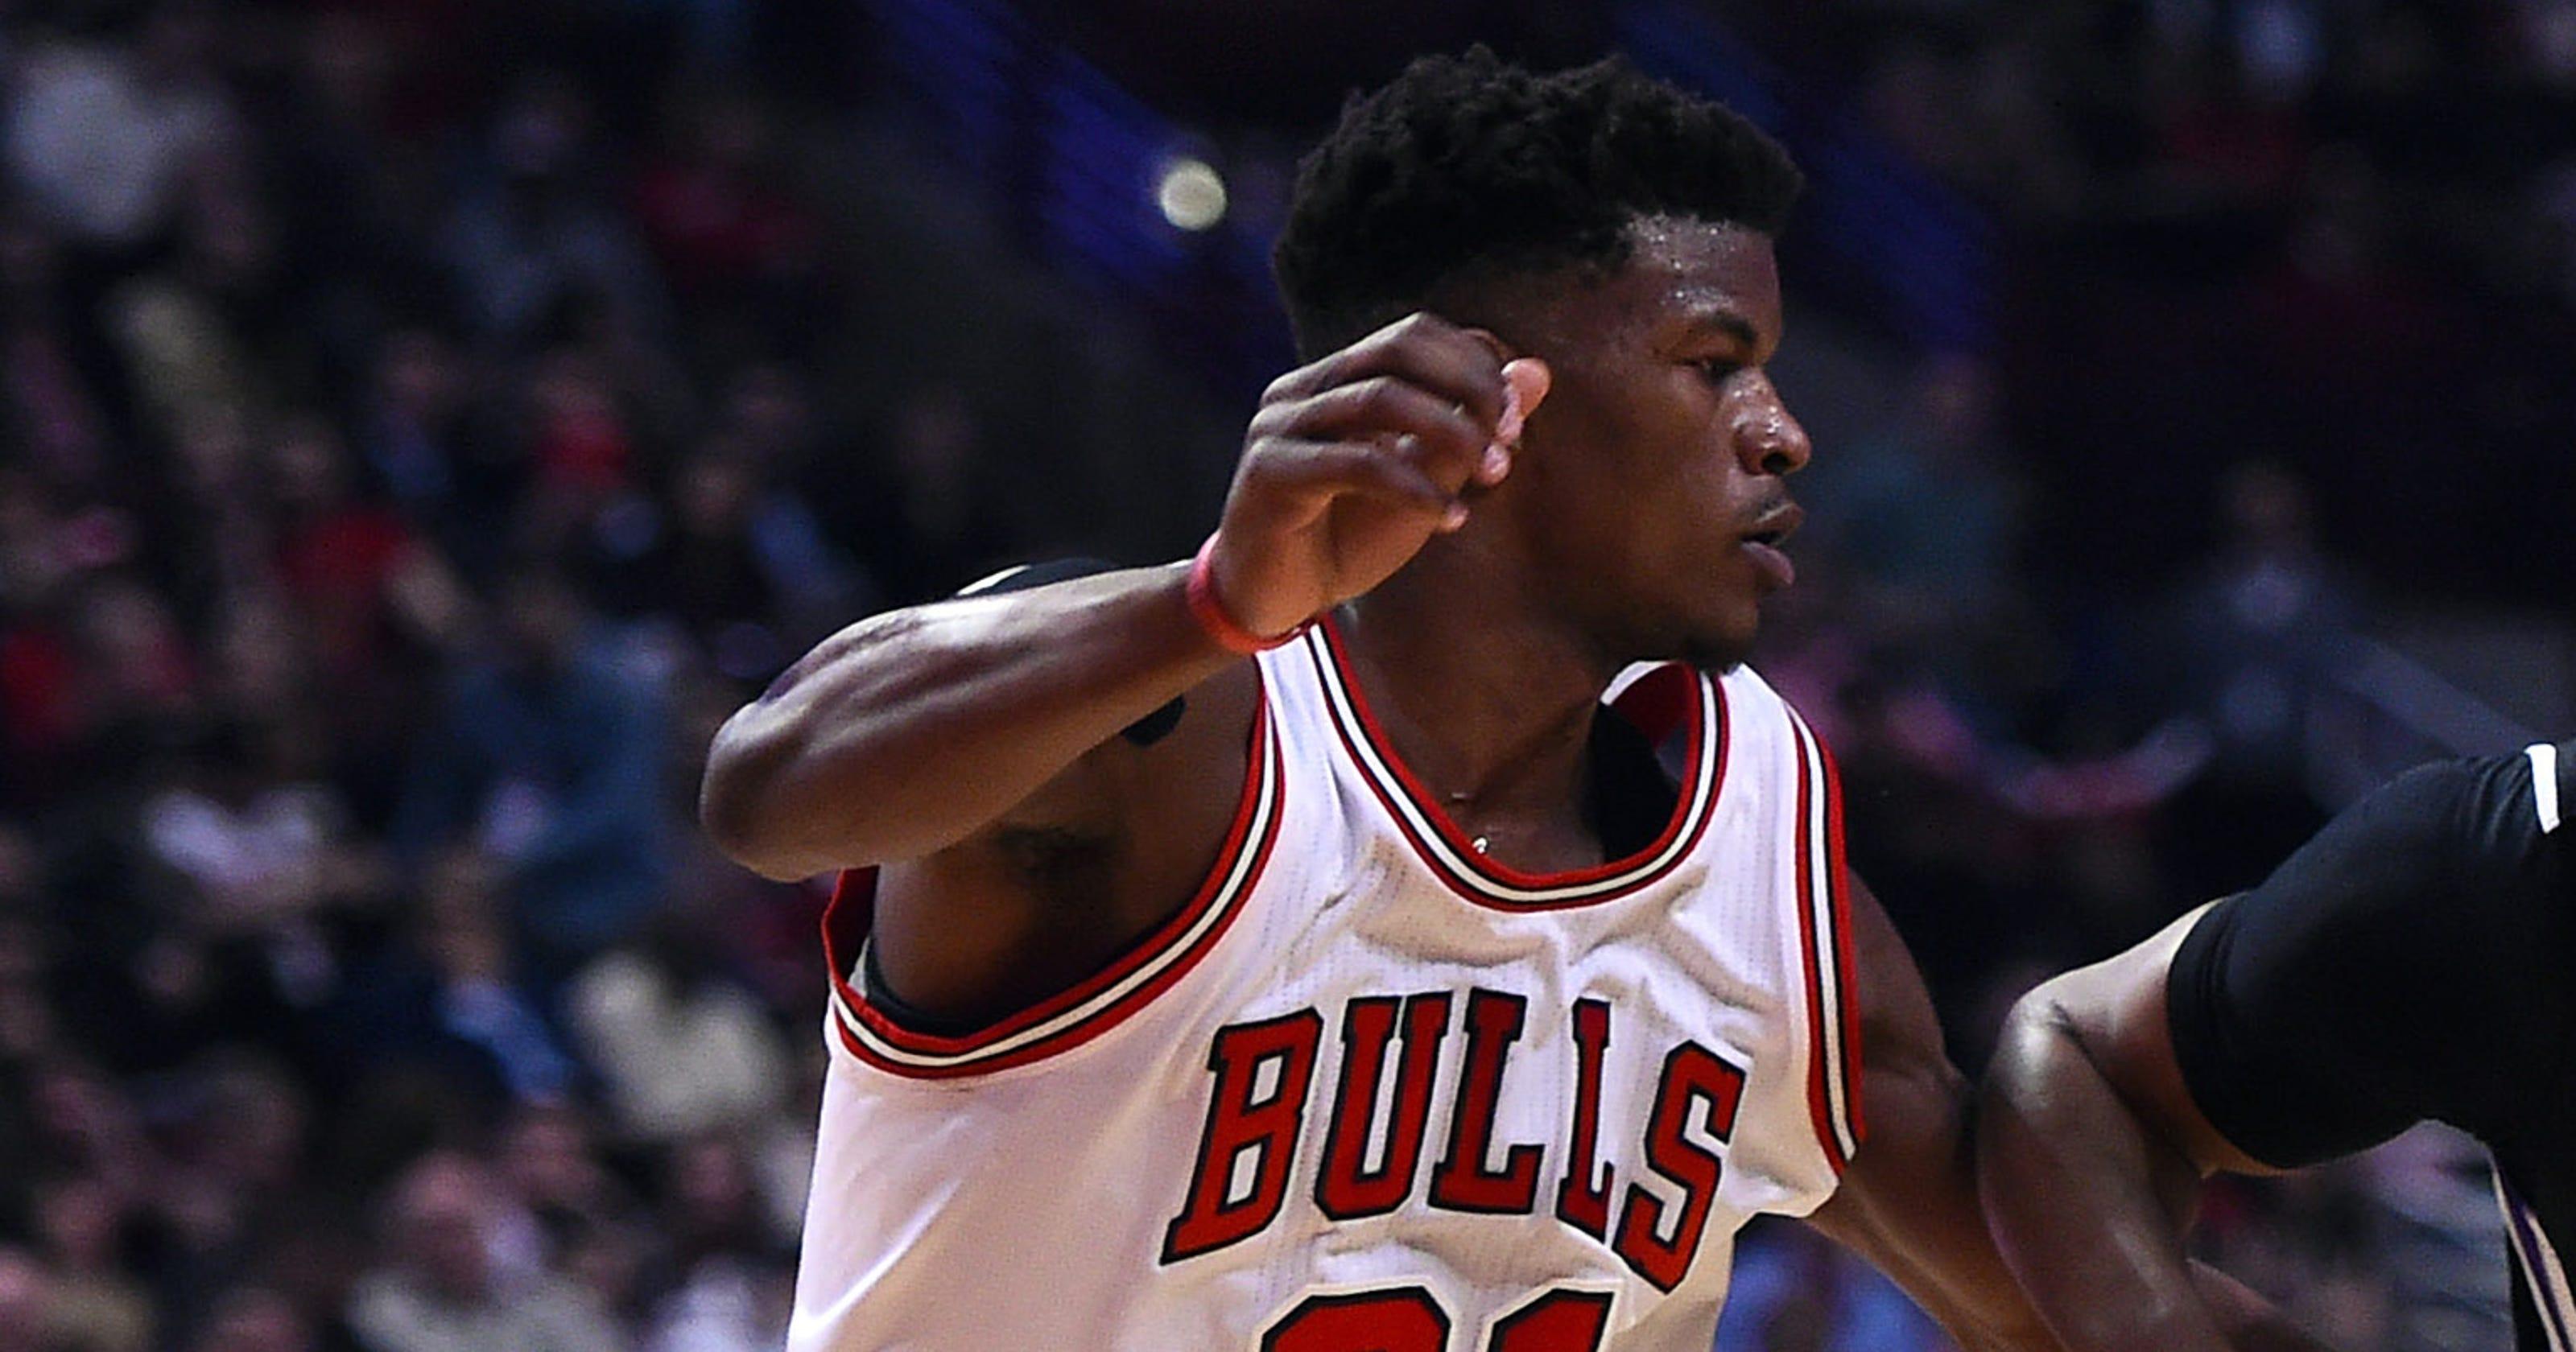 Strained Shoulder Sidelines Bulls Butler Vs Cavaliers